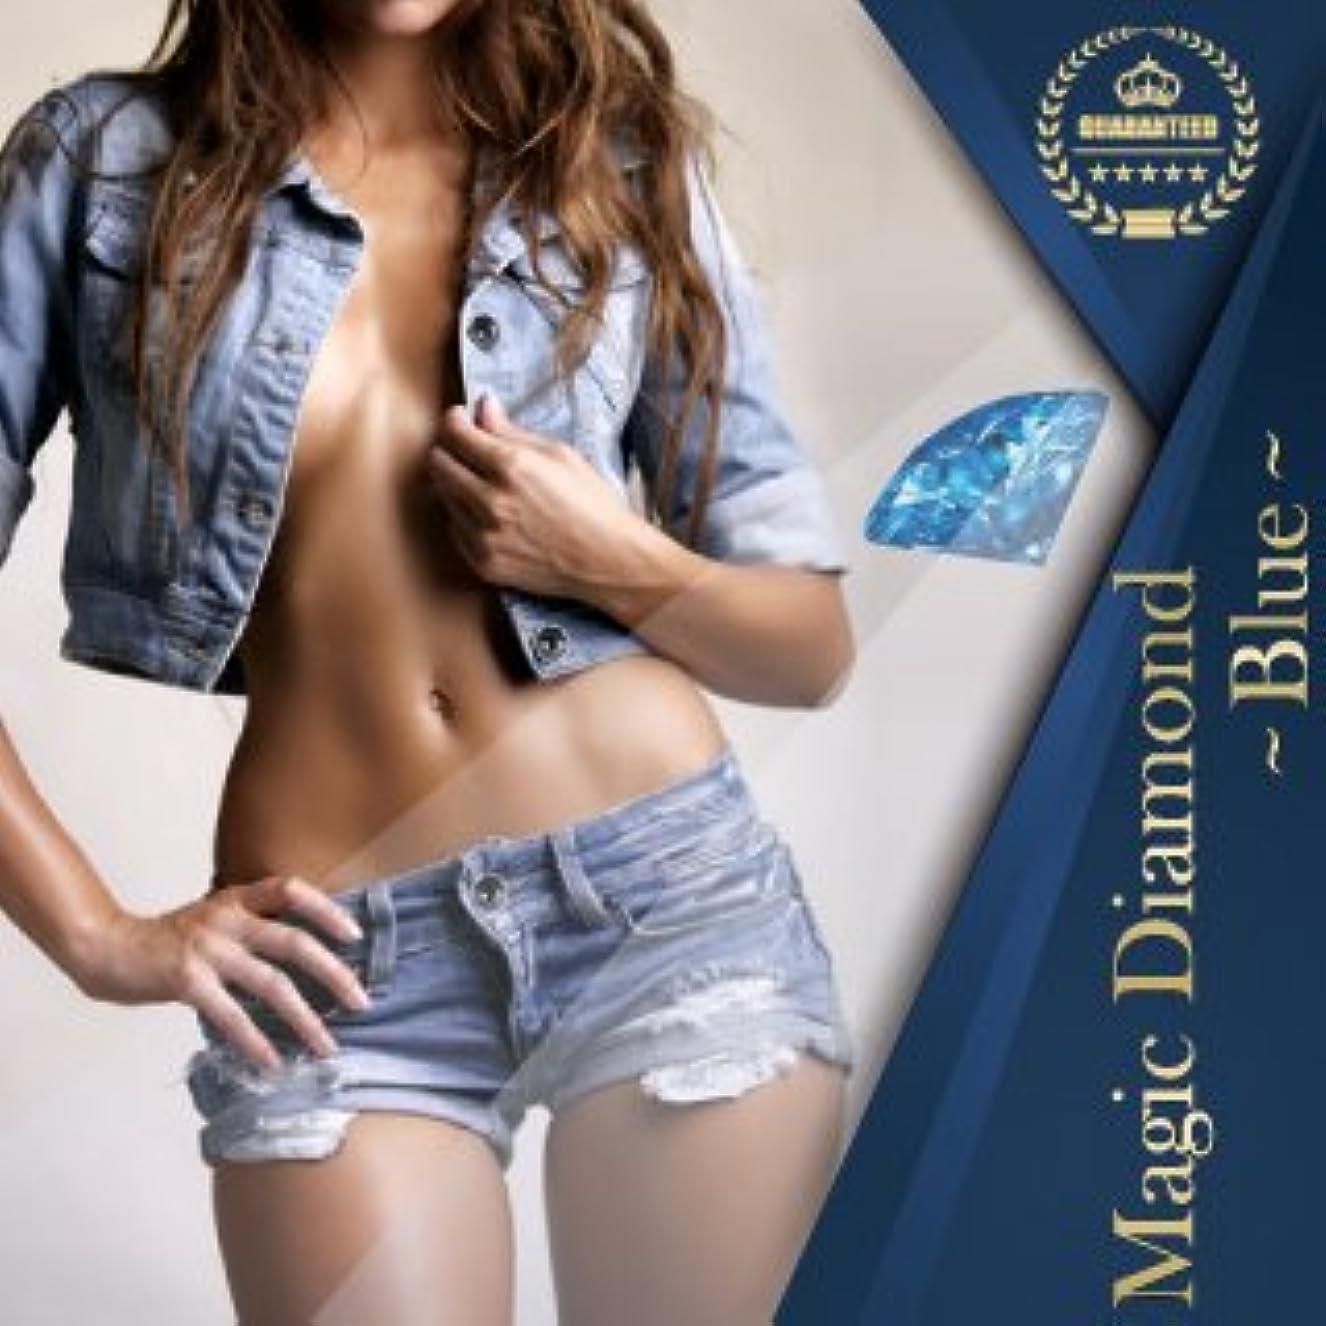 ばかげたムスステープルMagic Diamond Blue マジックダイアモンドブルー 3個セット